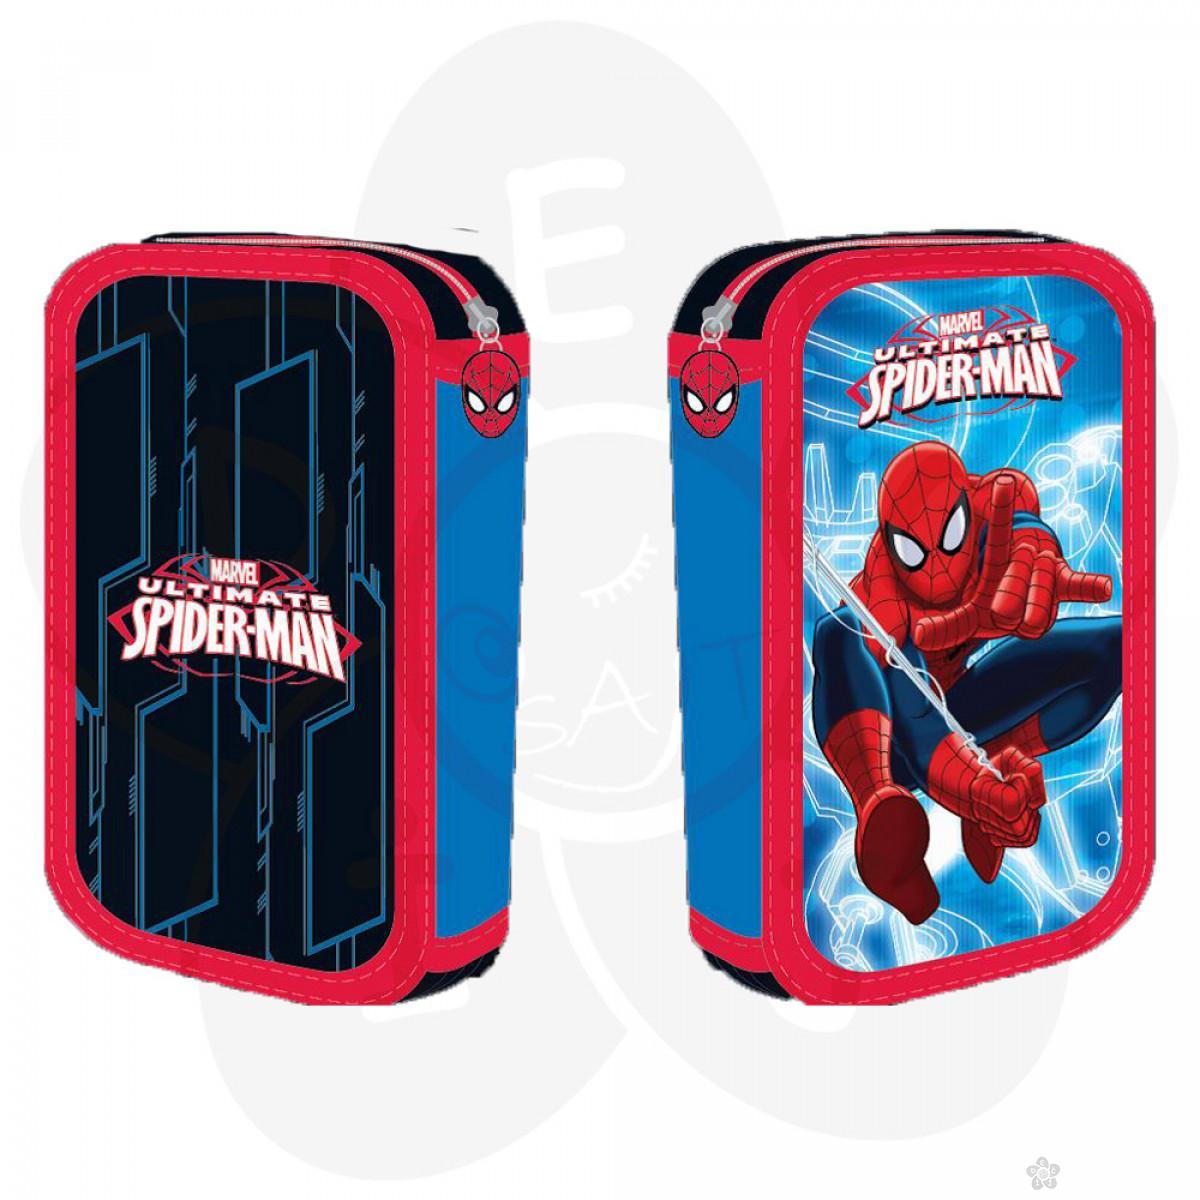 Dupla pernica - Spiderman